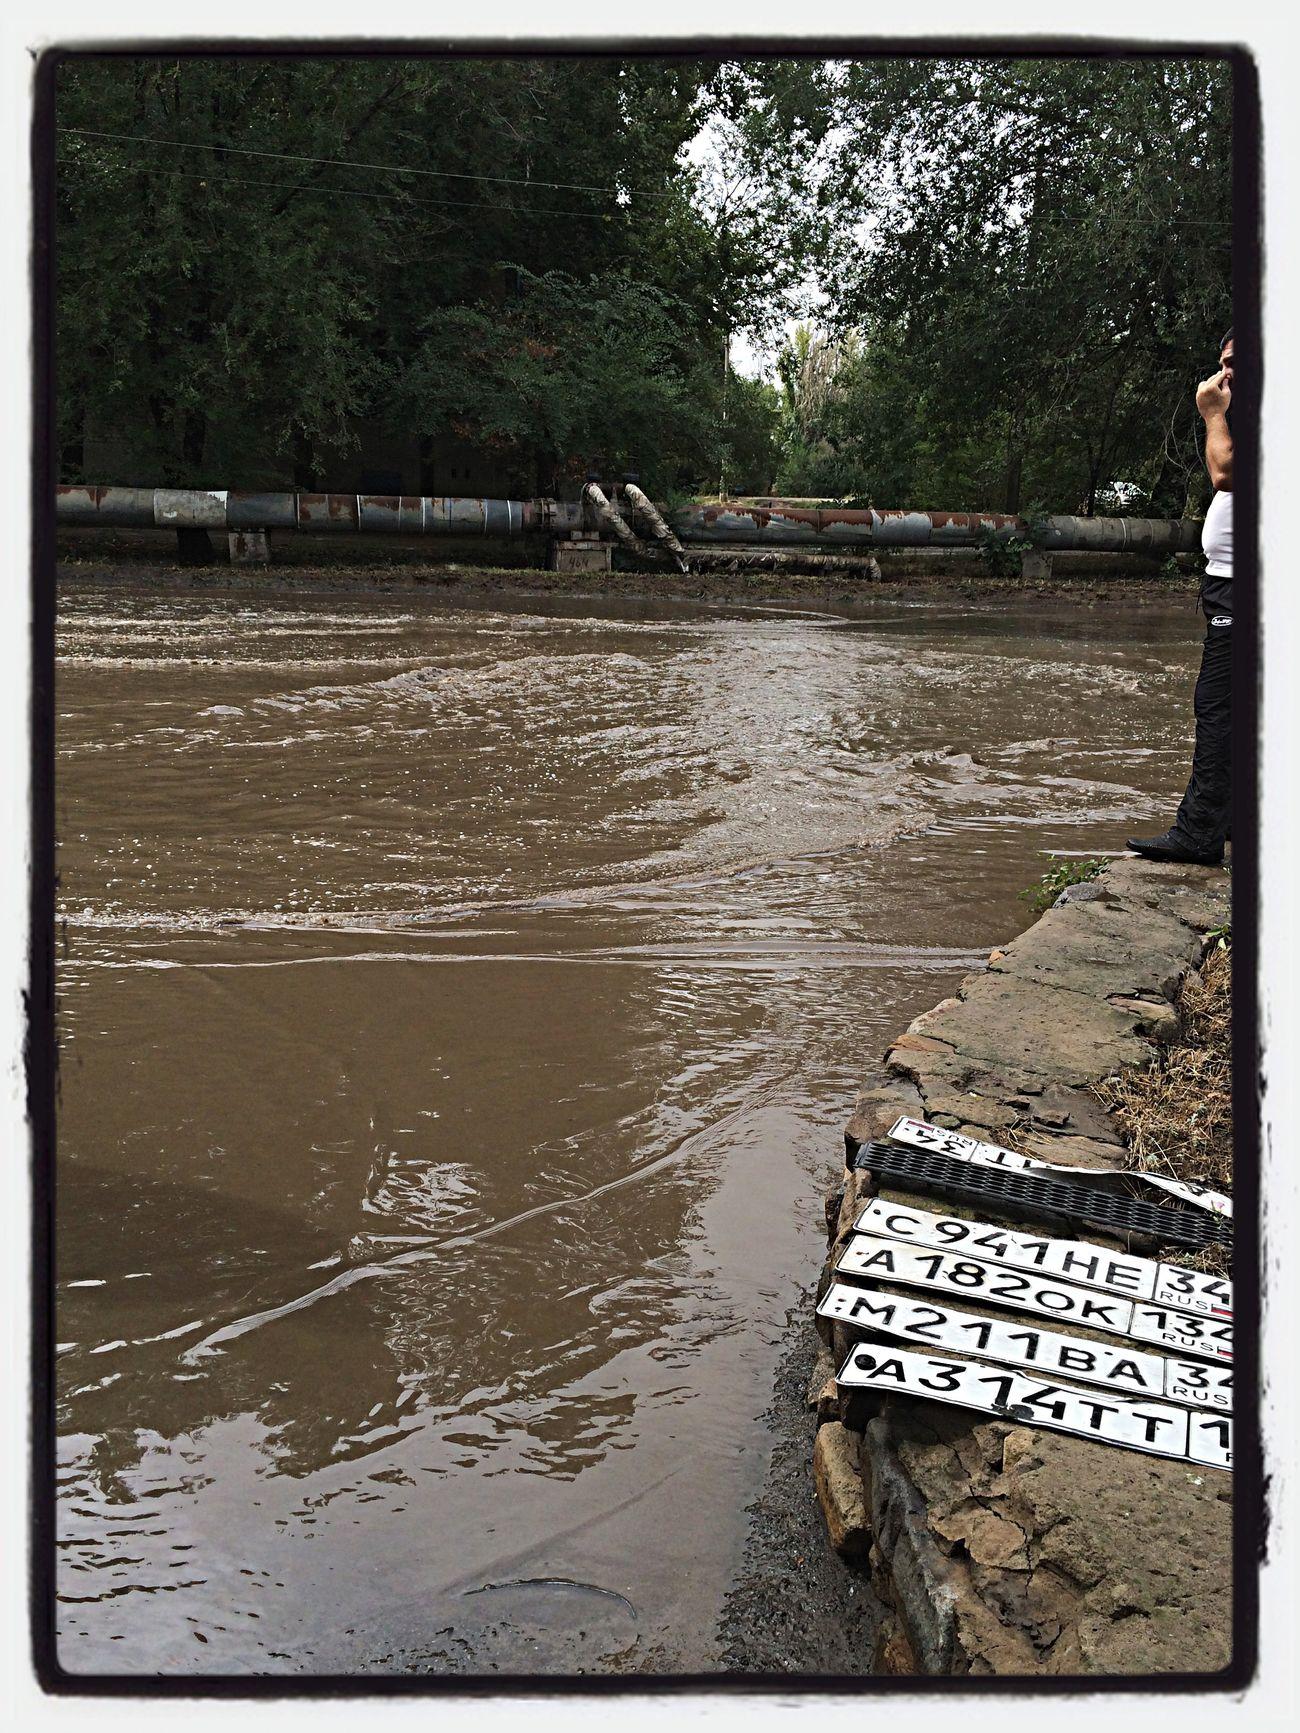 На Дерибасовской хорошая погода или на Кирова опять идут дожди.. после потопа лужи волжский